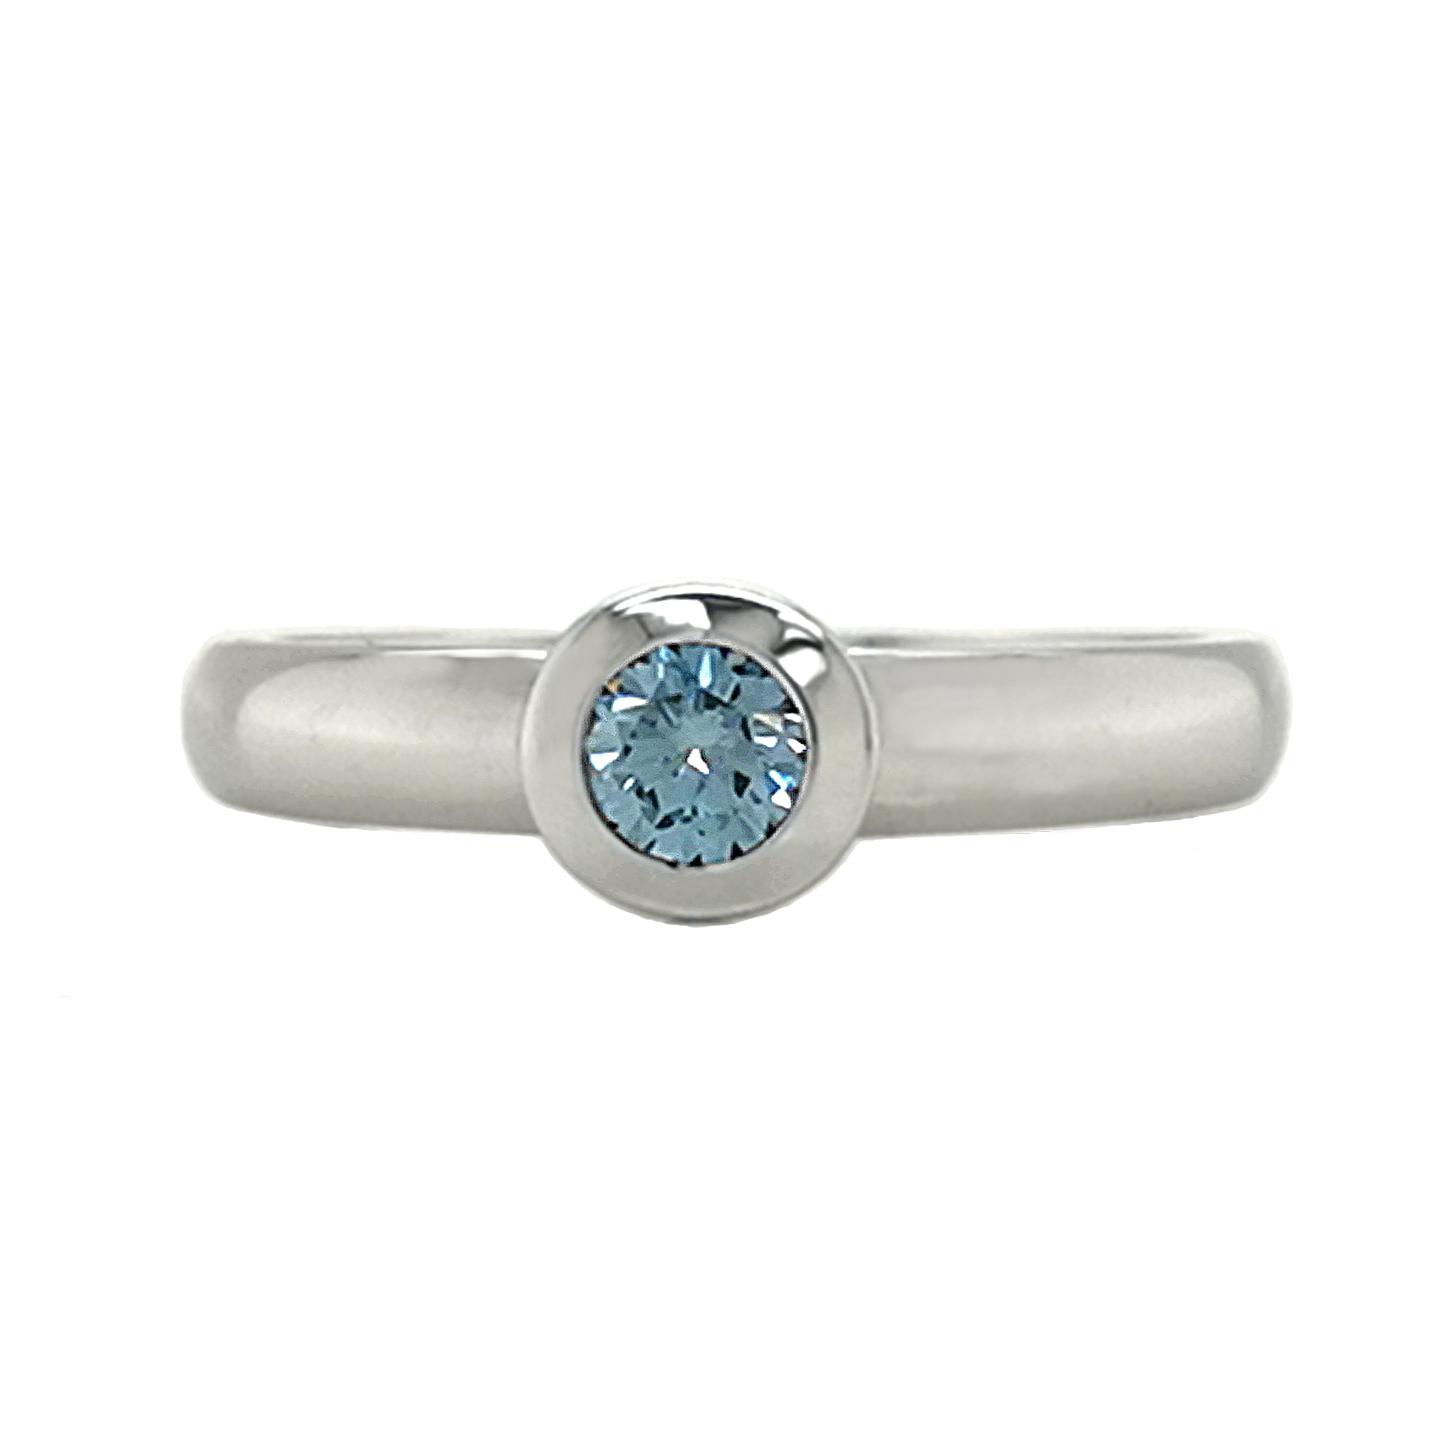 Brillantring aus 585 Weißgold mit aqua-blauem Diamanten, beh., Brillantschliff, ca. 0,25 ct